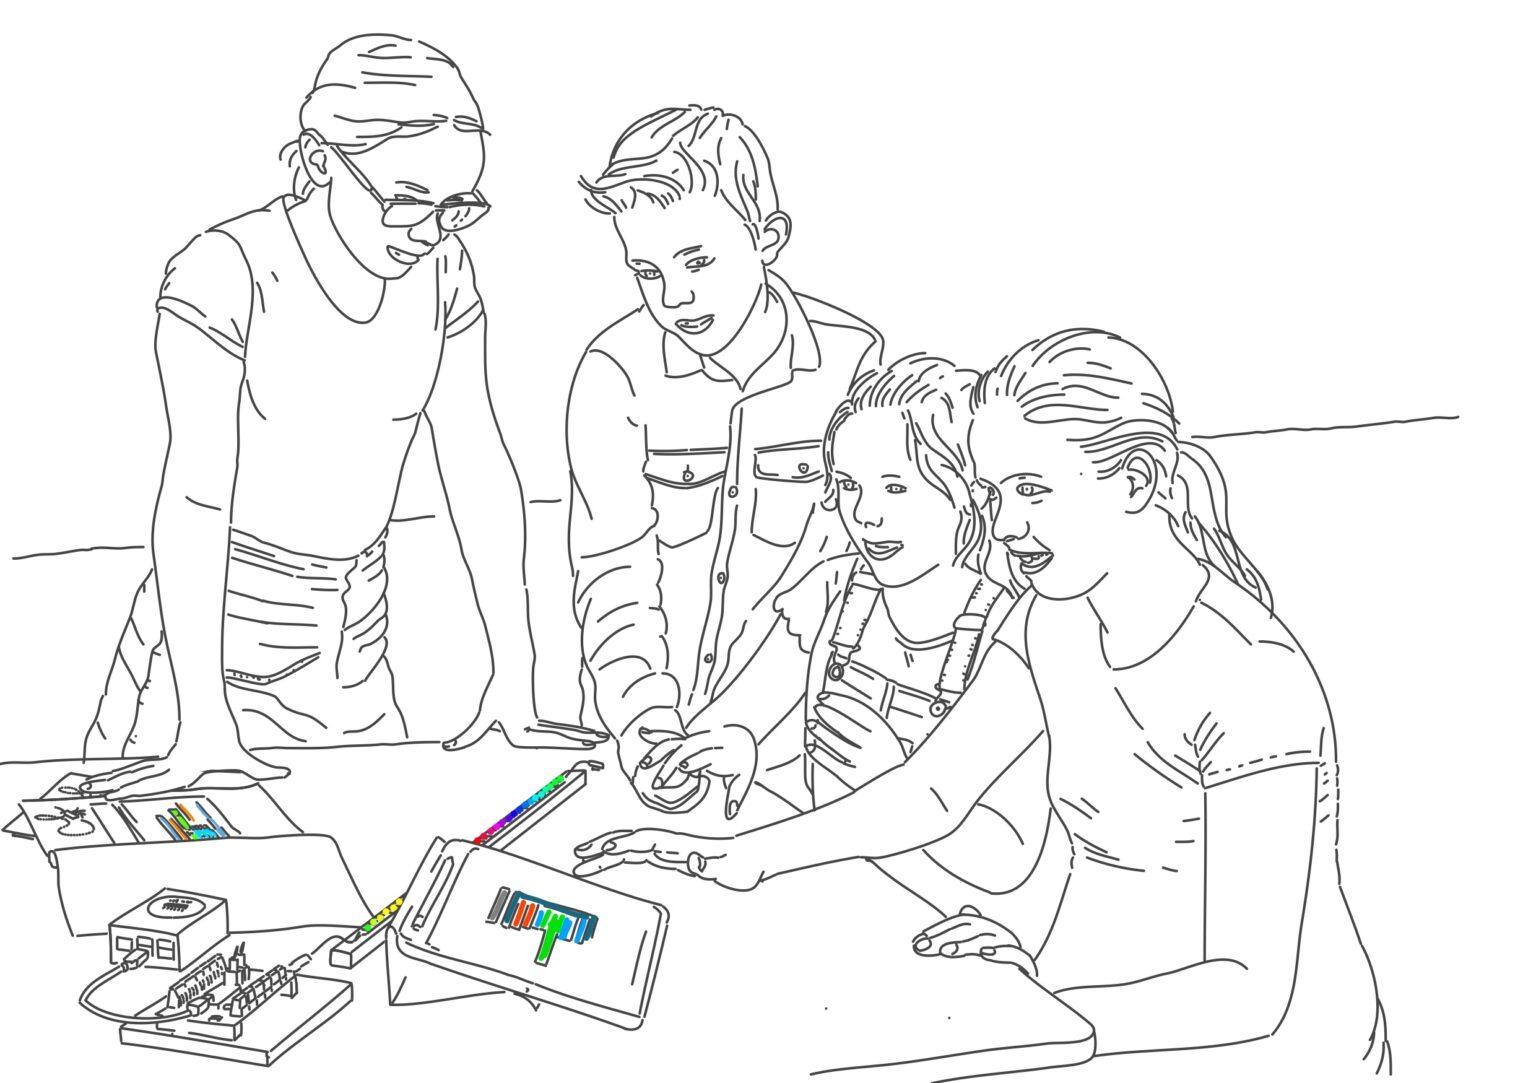 Starter-Workshop-1536x1083.jpg